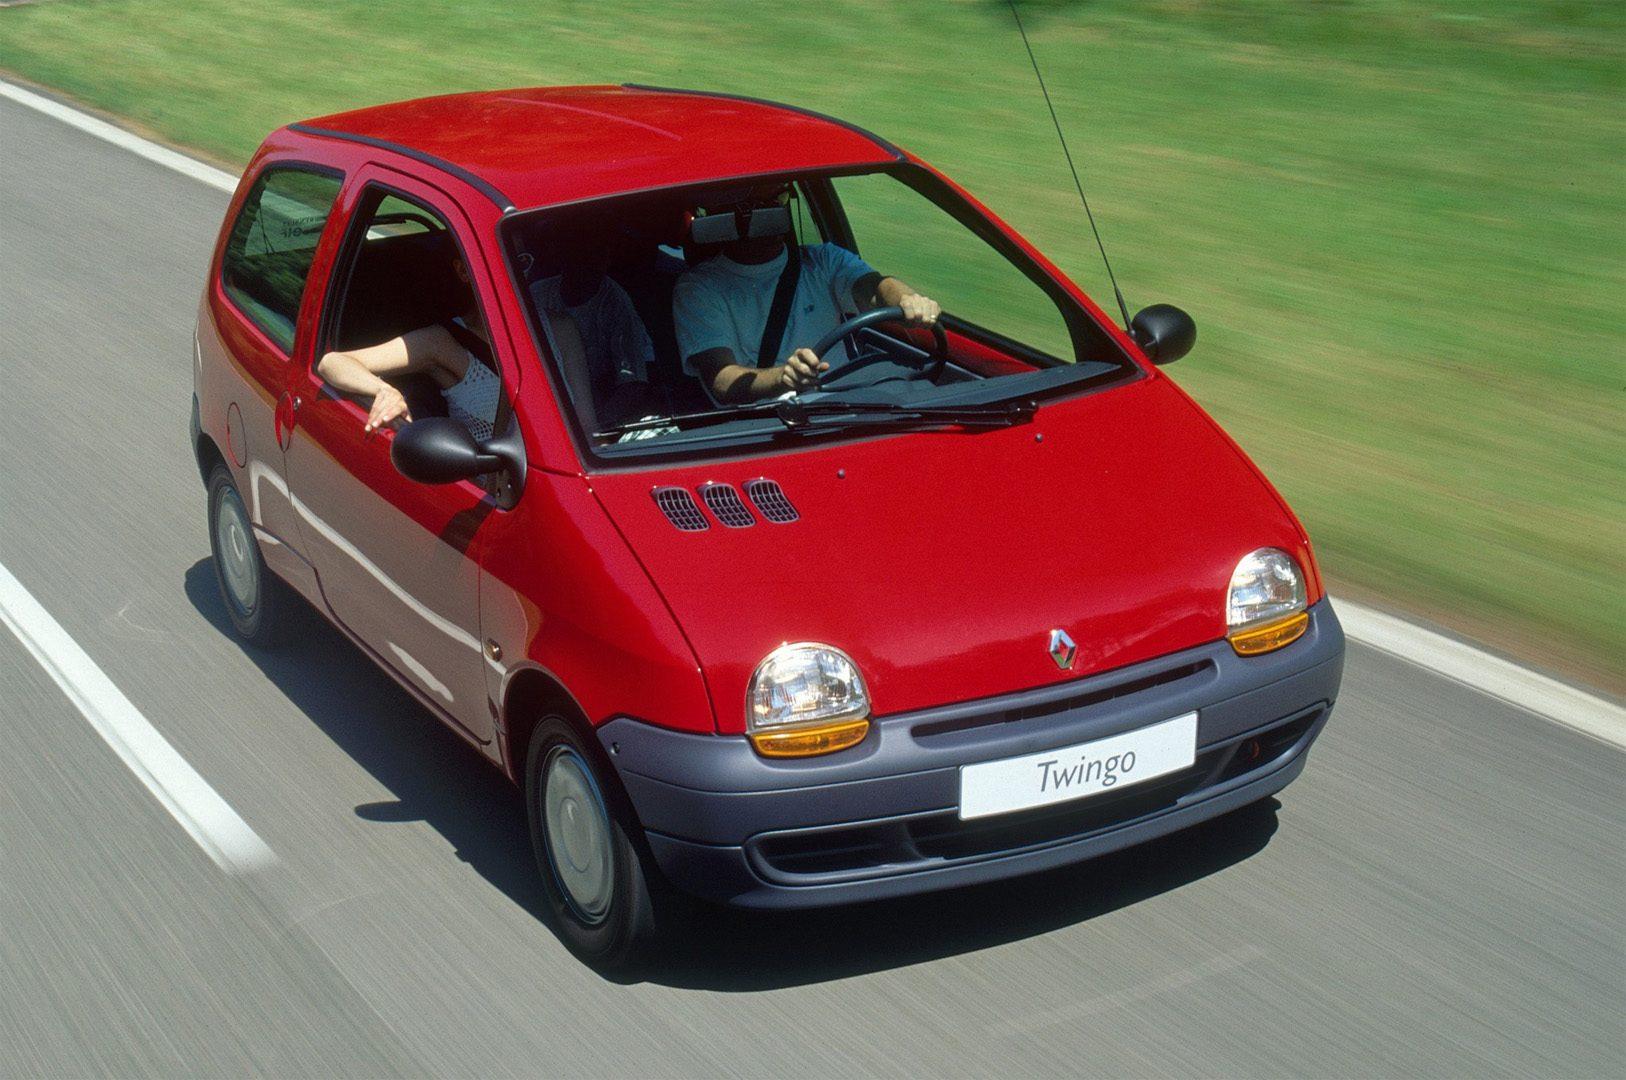 Coche del día: Renault Twingo (I)